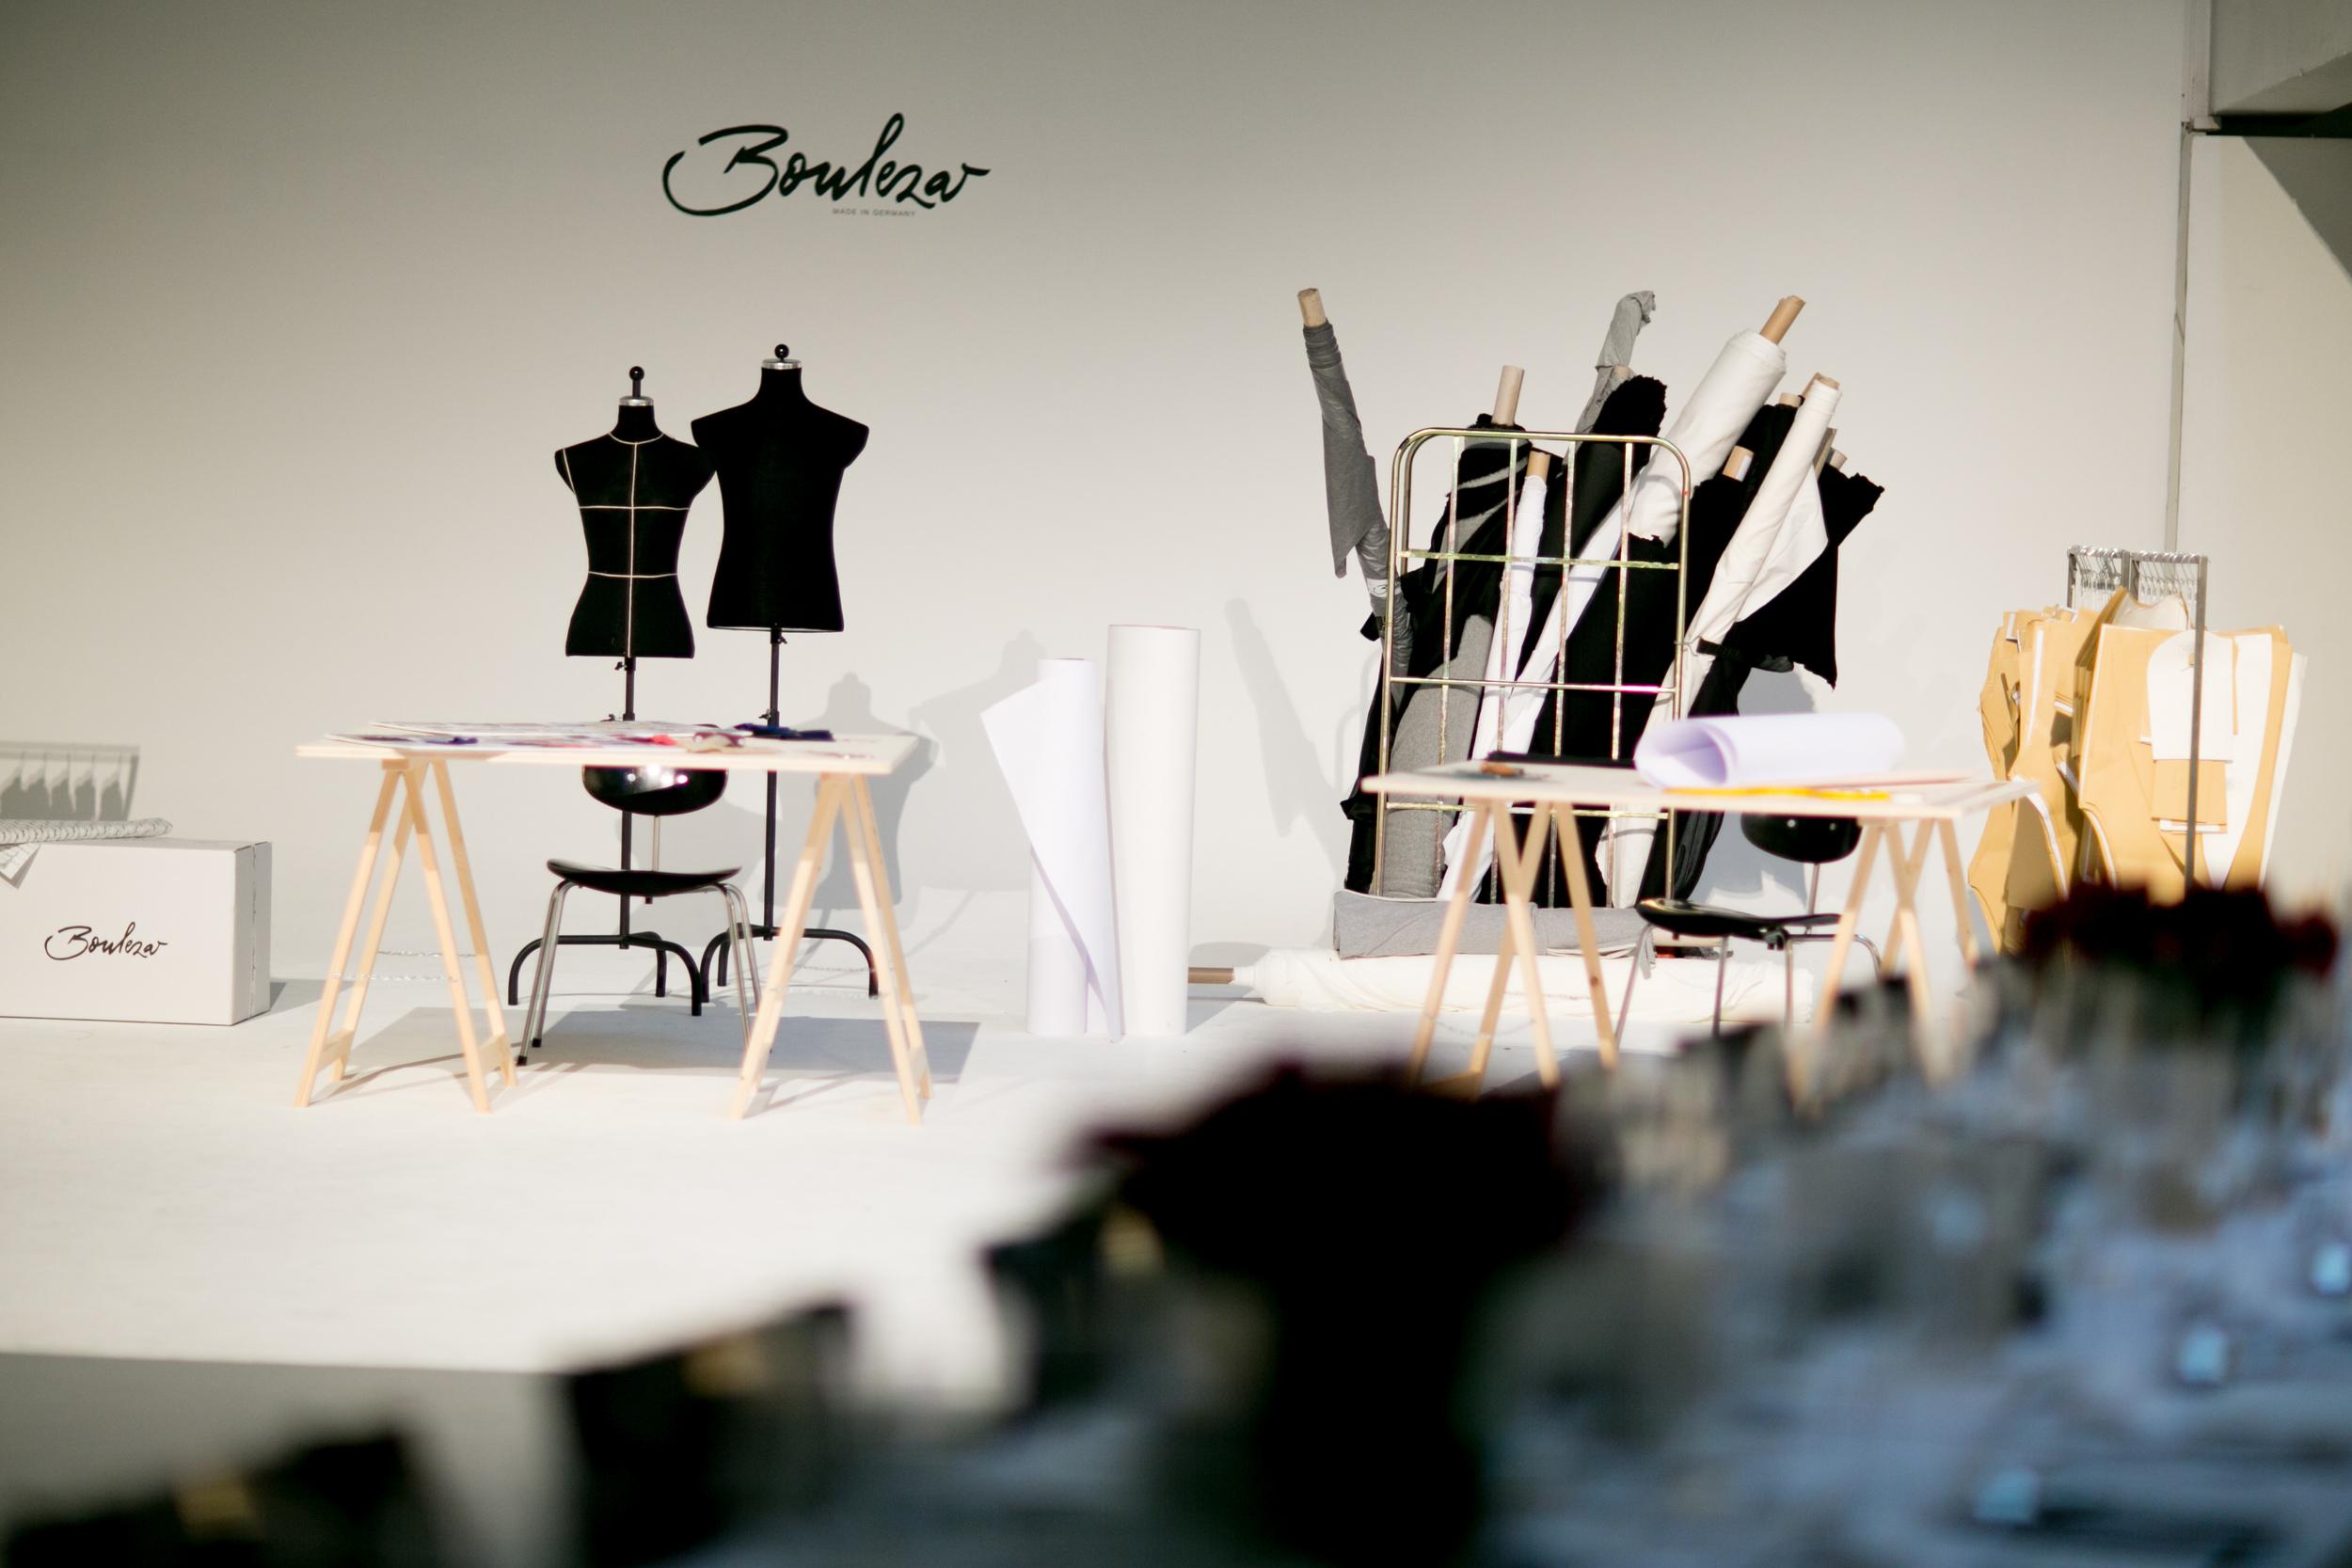 Boulezar_ohne Logo-5009.jpg